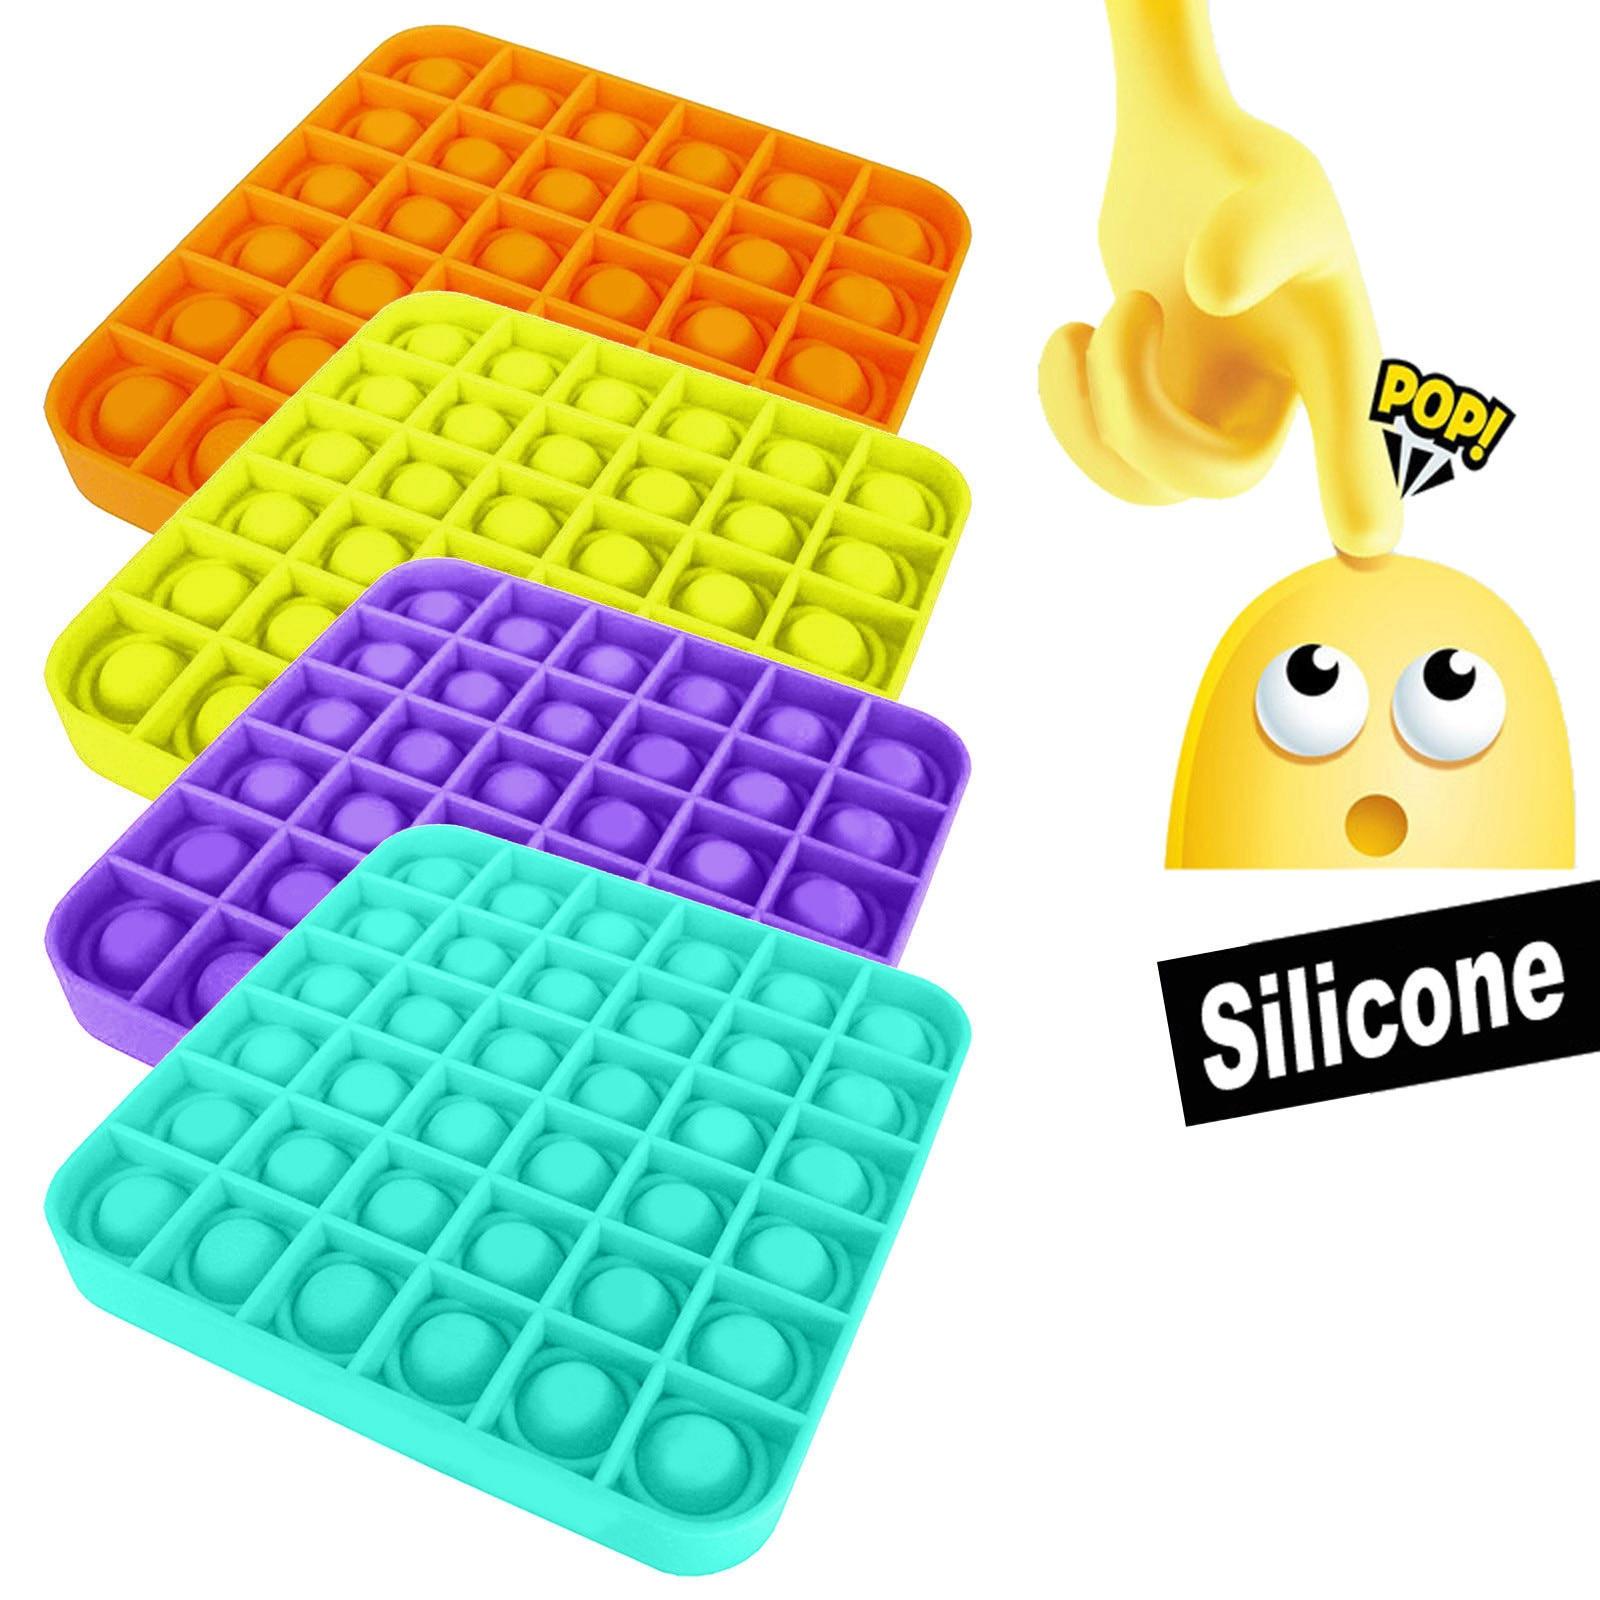 Jouet Fidget Push bulle Fidget jouet sensoriel autisme besoins spéciaux Anti-Stress et augmenter la mise au point jouet Anti-stress doux